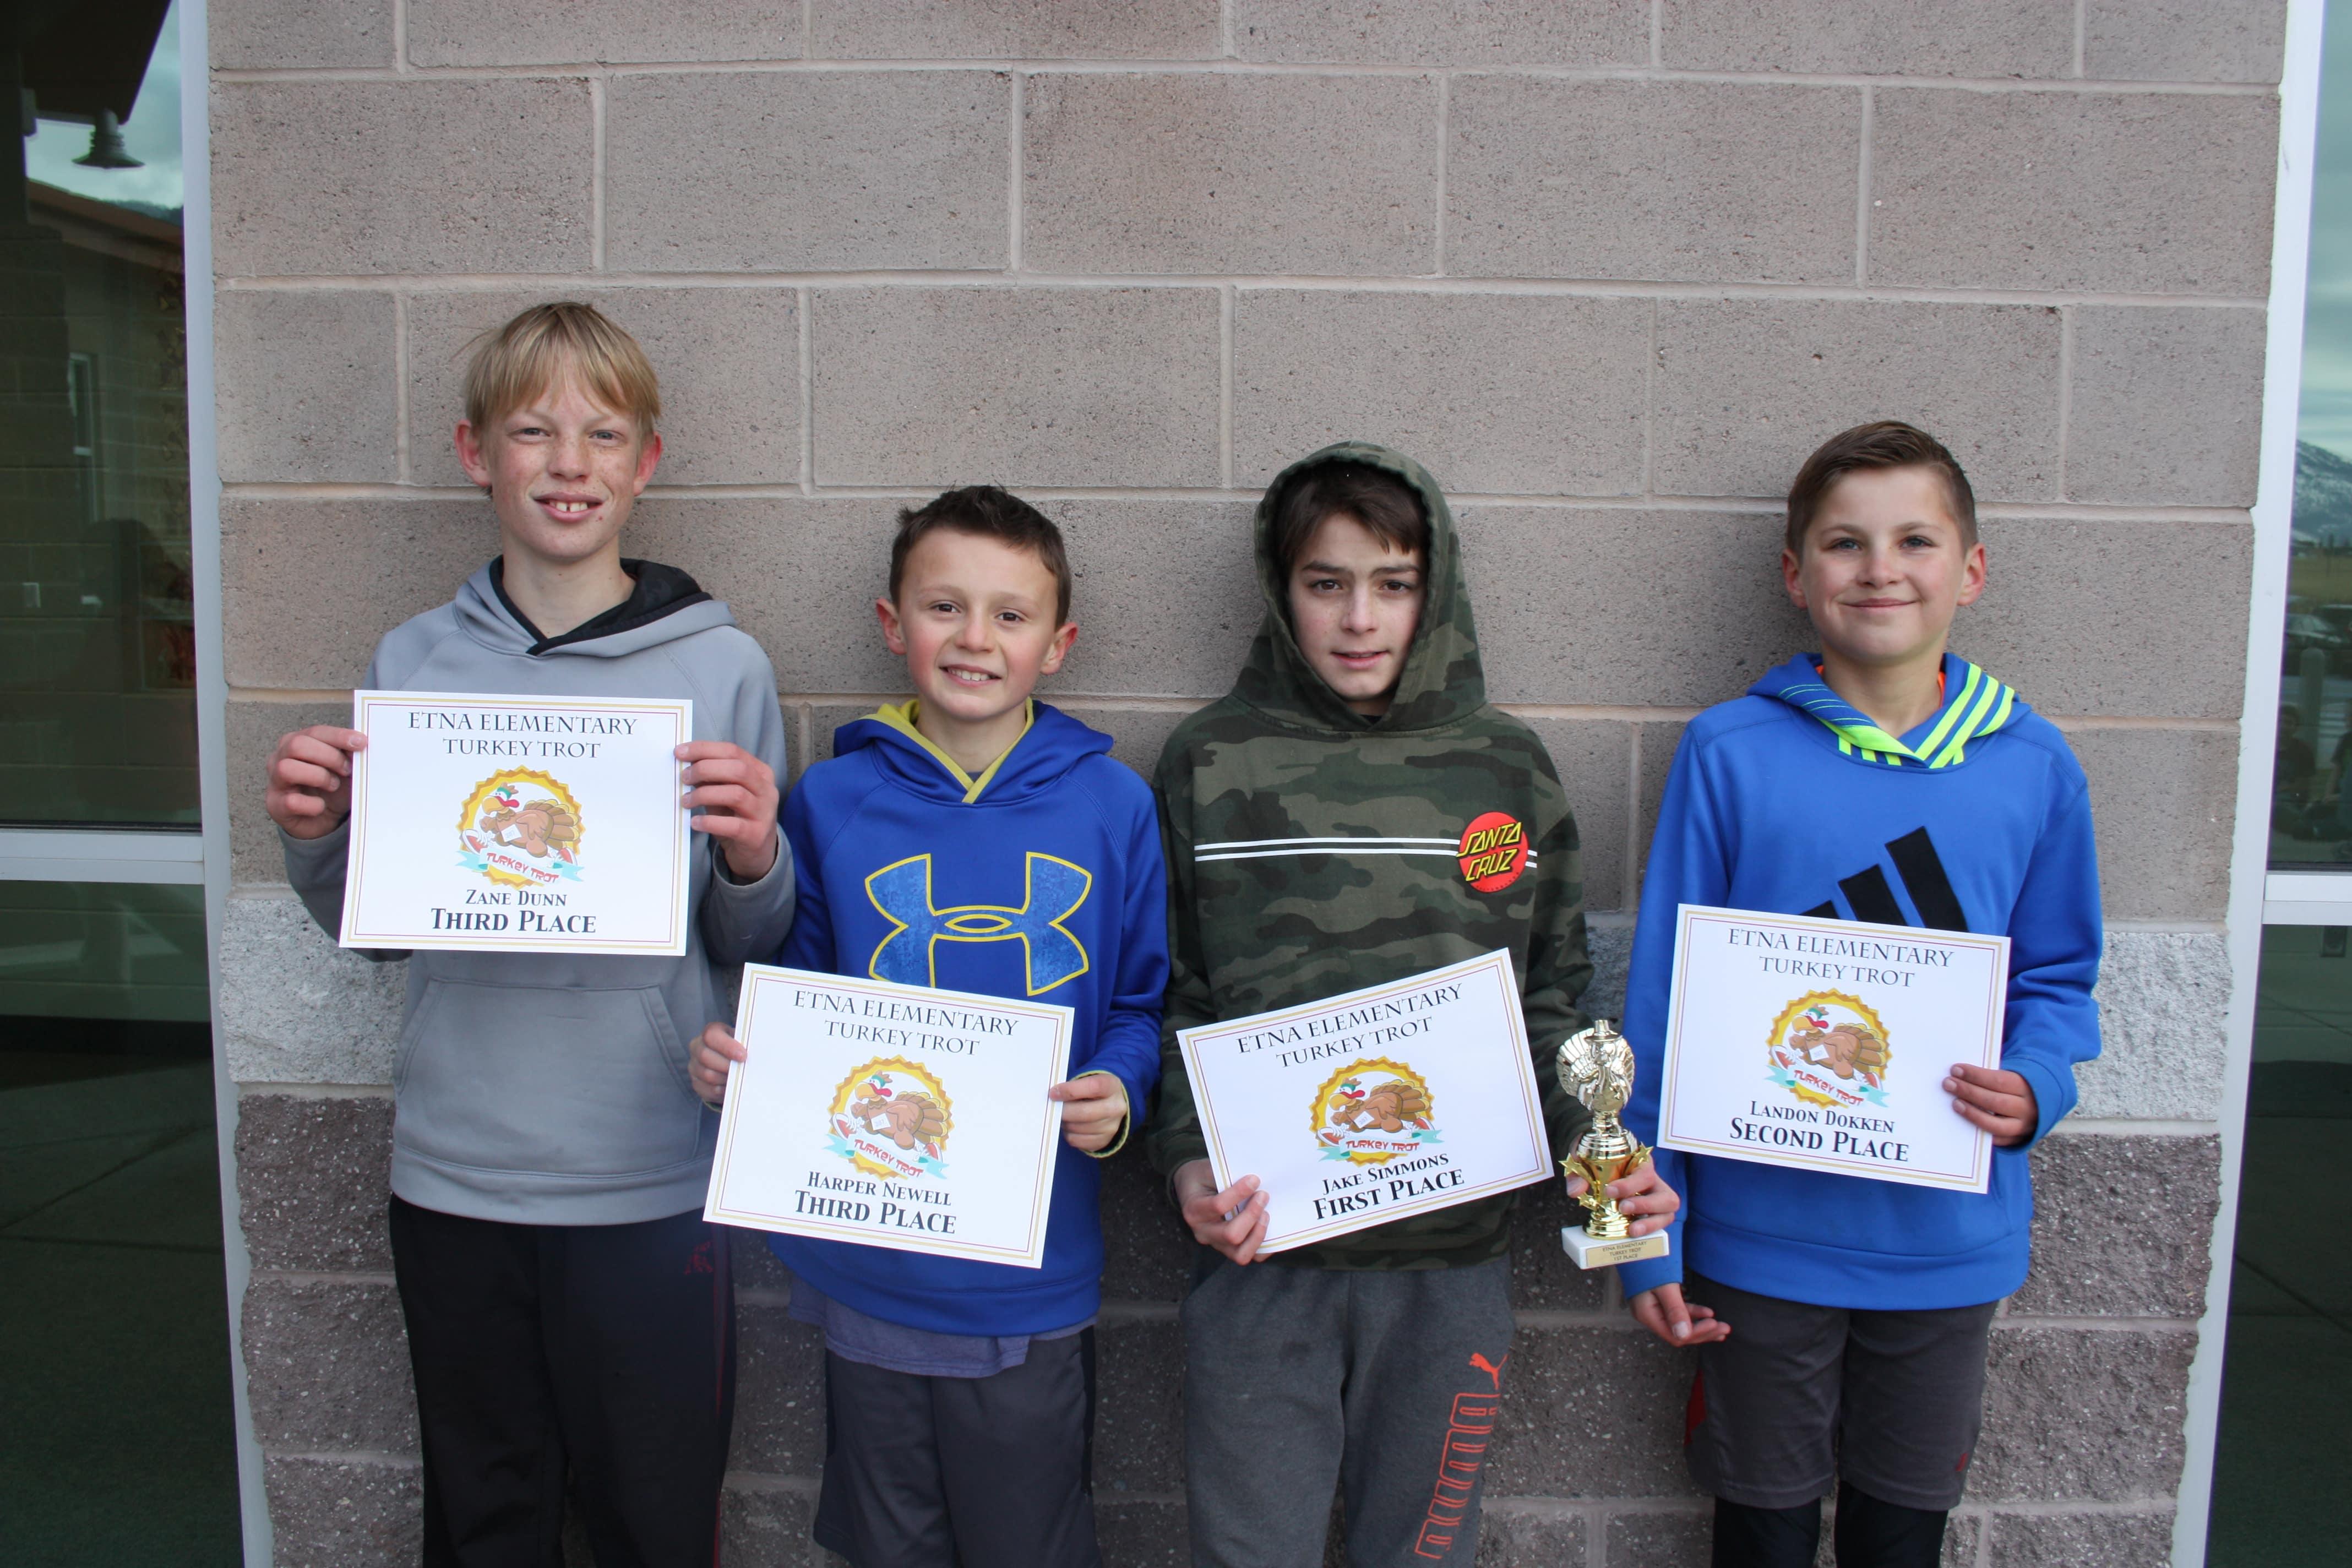 Jake, Landon, Zane, Harper - Turkey Trot winners